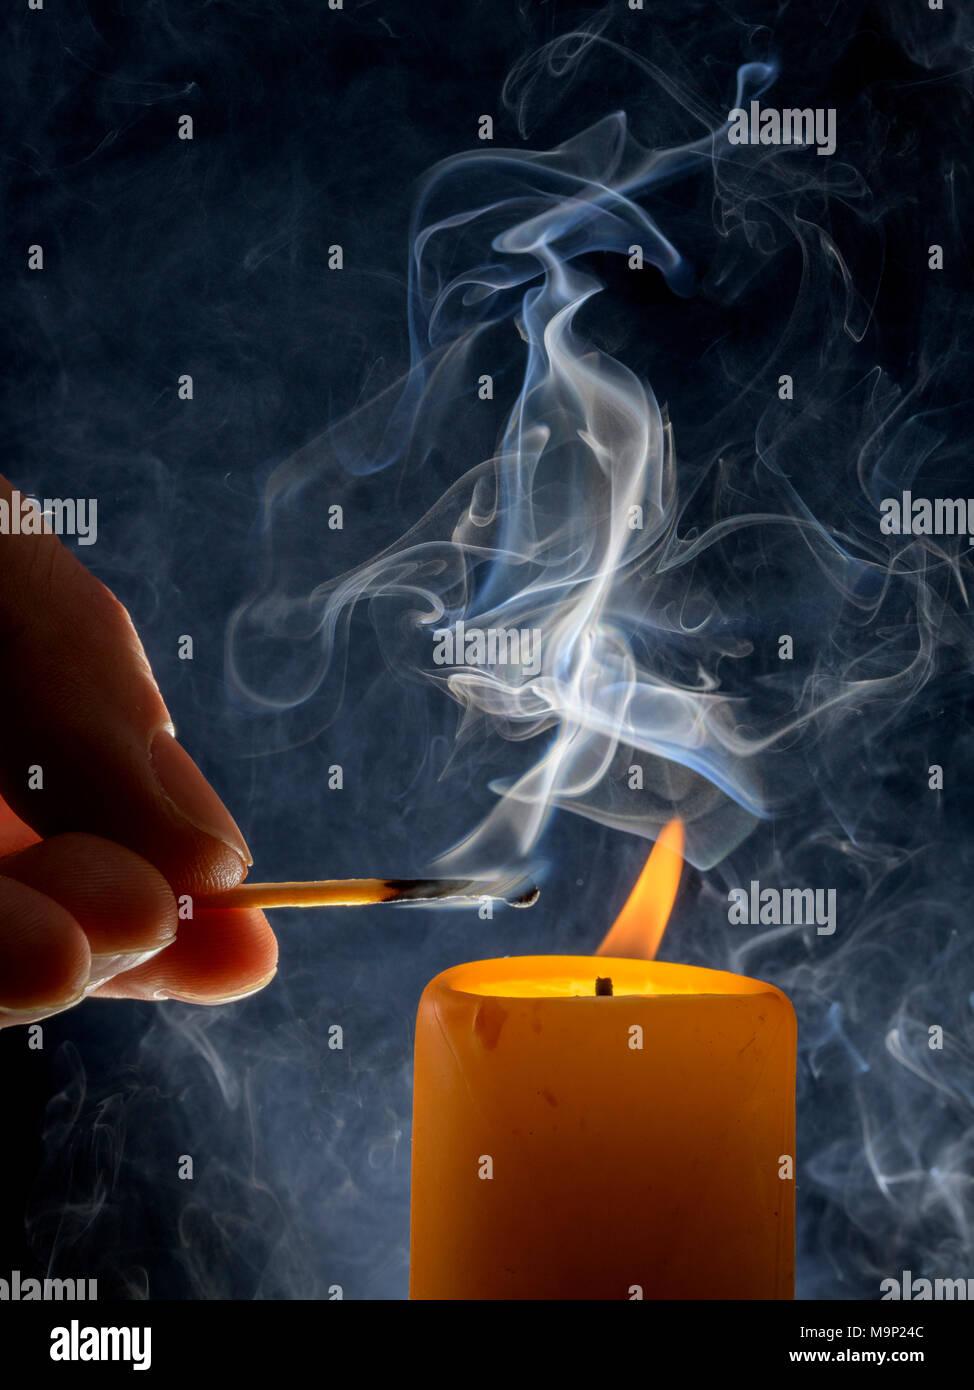 Licht einer Kerze mit Rauchen Match vor einem schwarzen Hintergrund, Studio shot Stockfoto